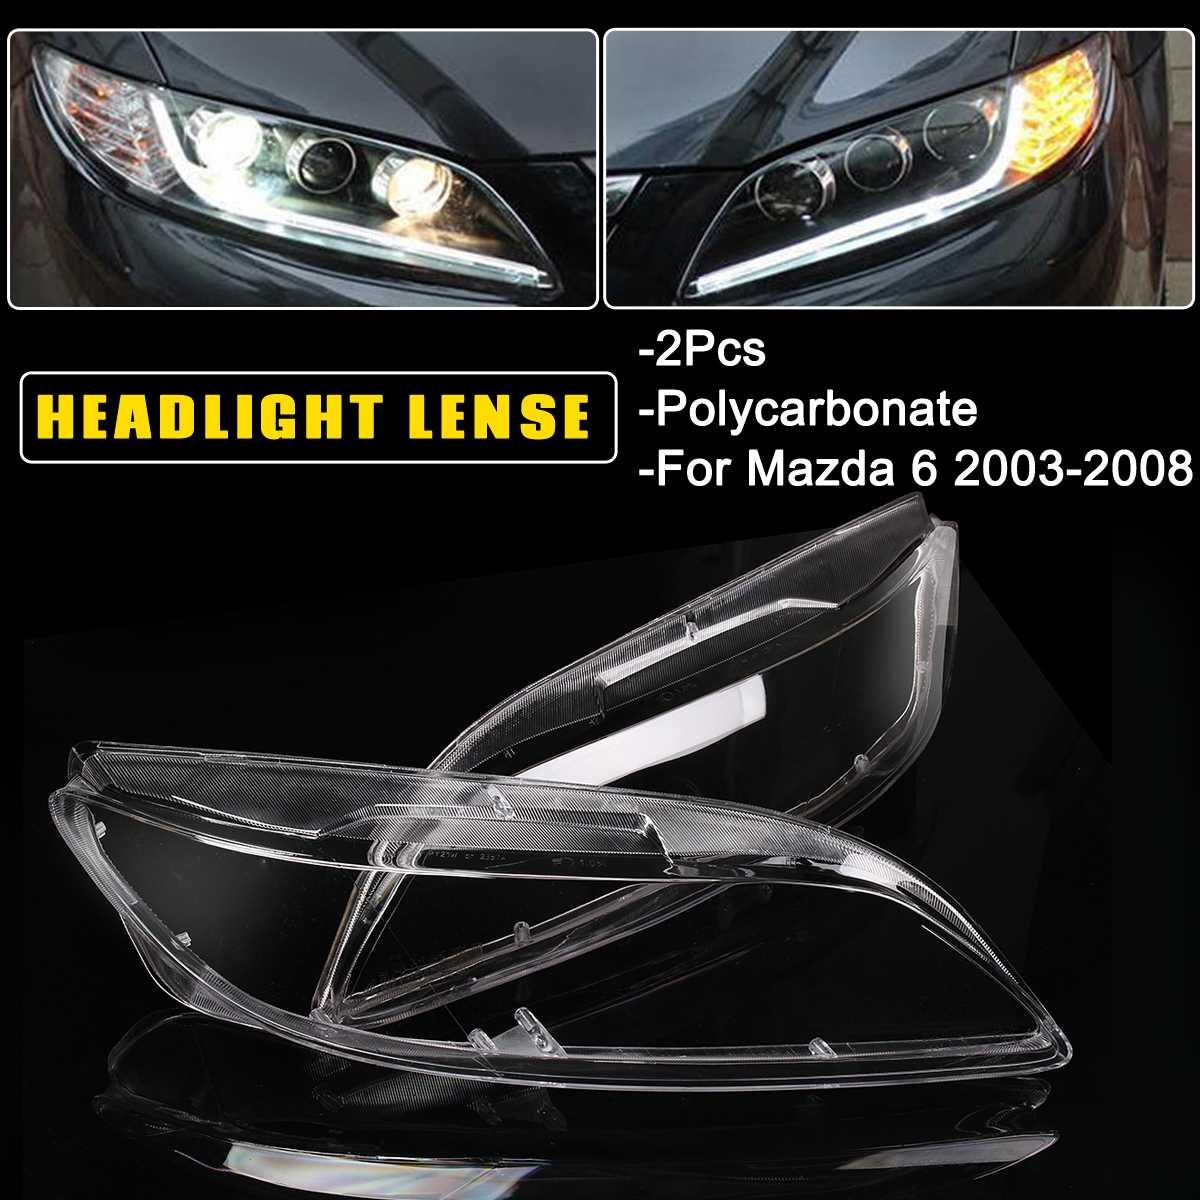 Autoleader 1 par para Mazda 6 2003-2008 faro de coche Faro de plástico transparente cubierta de la lámpara cubierta de lente de repuesto 60cm x 6cm INJORA 2 uds Metal Pedal y caja de receptor para 1:10 RC Rock Crawler coche Axial Scx10 SCX10 II 90046 Jeep Wrangler Shell cuerpo